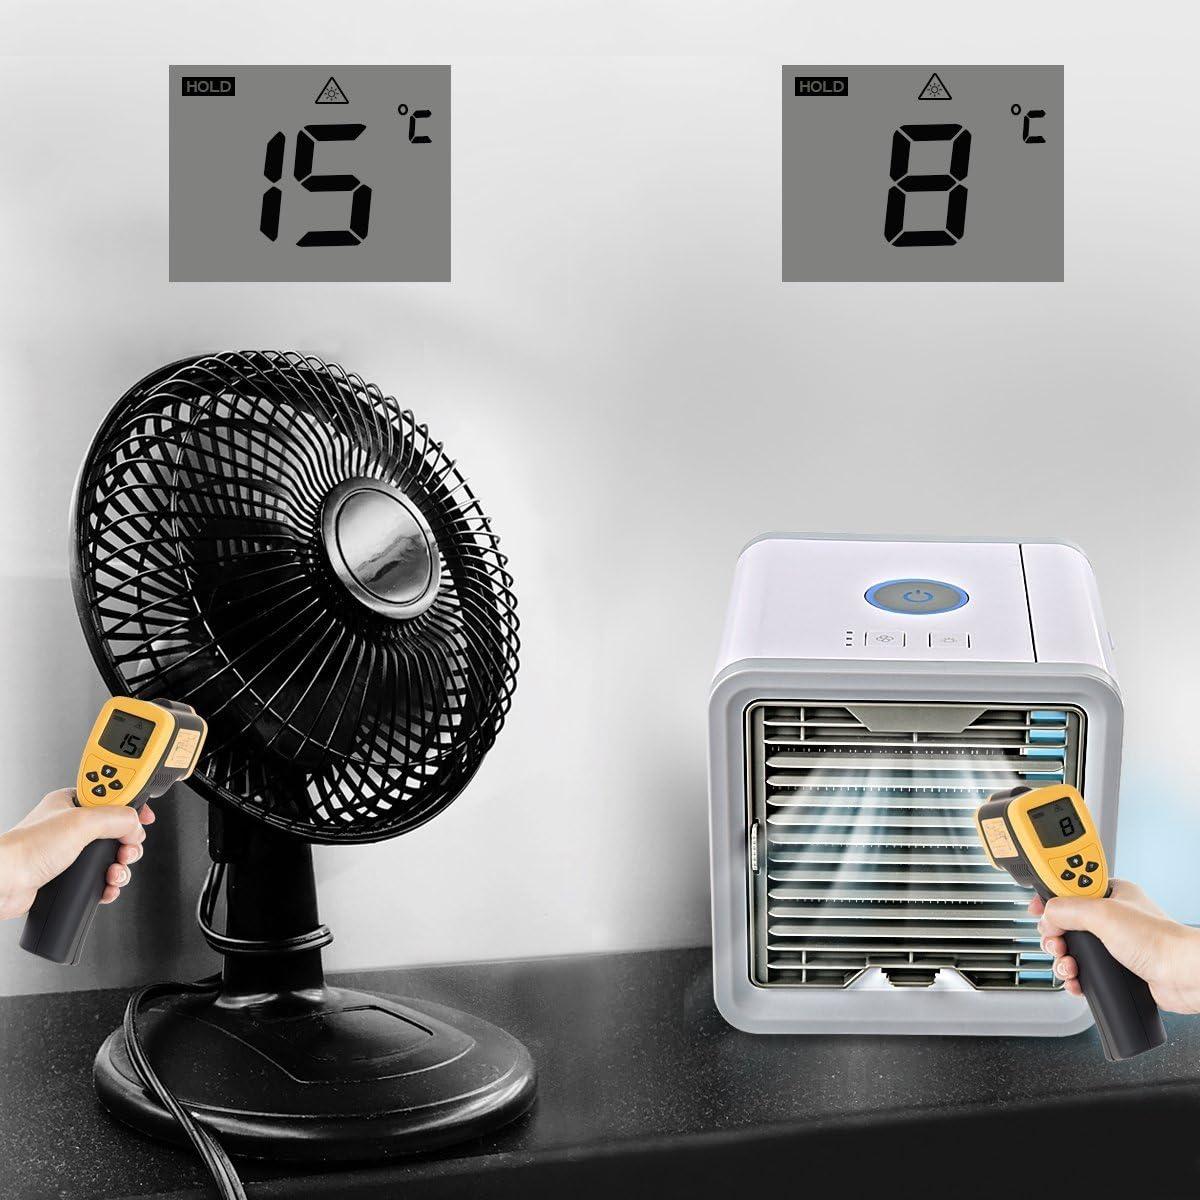 Ventilador Aire Fr¨ªo Enfriador Espacio Personal Refrigerador Humidificador Purificador de Aire Port¨¢til 3 Velocidades Ajustable LED 7 Colores: Amazon.es: Hogar